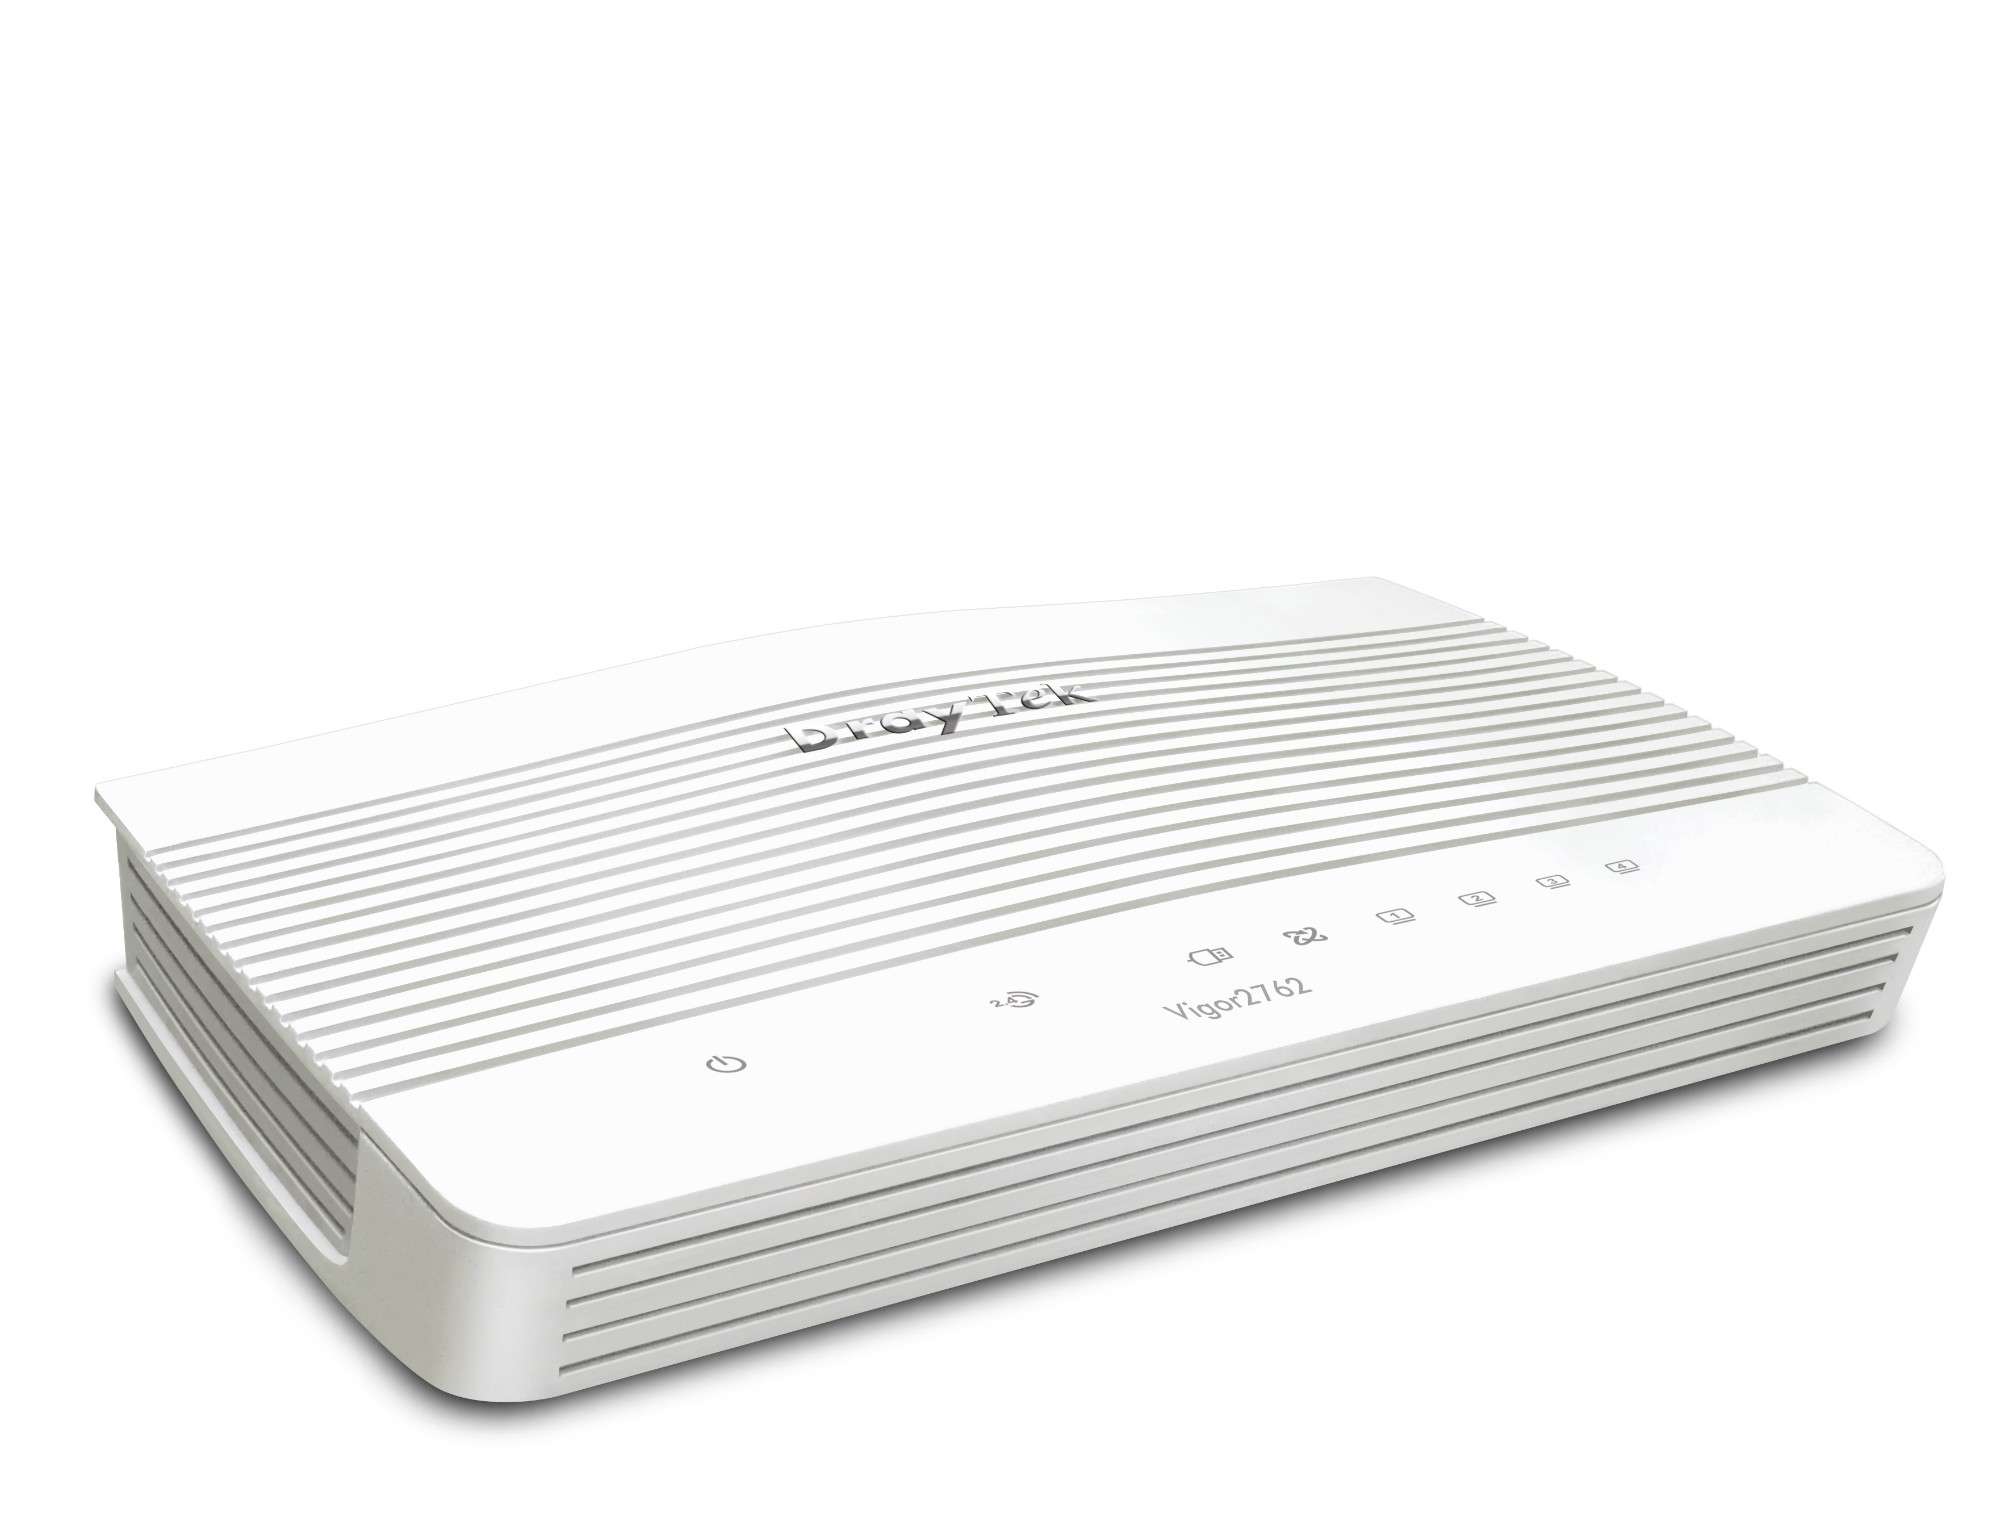 Vigor 2762 ADSL/VDSL Router